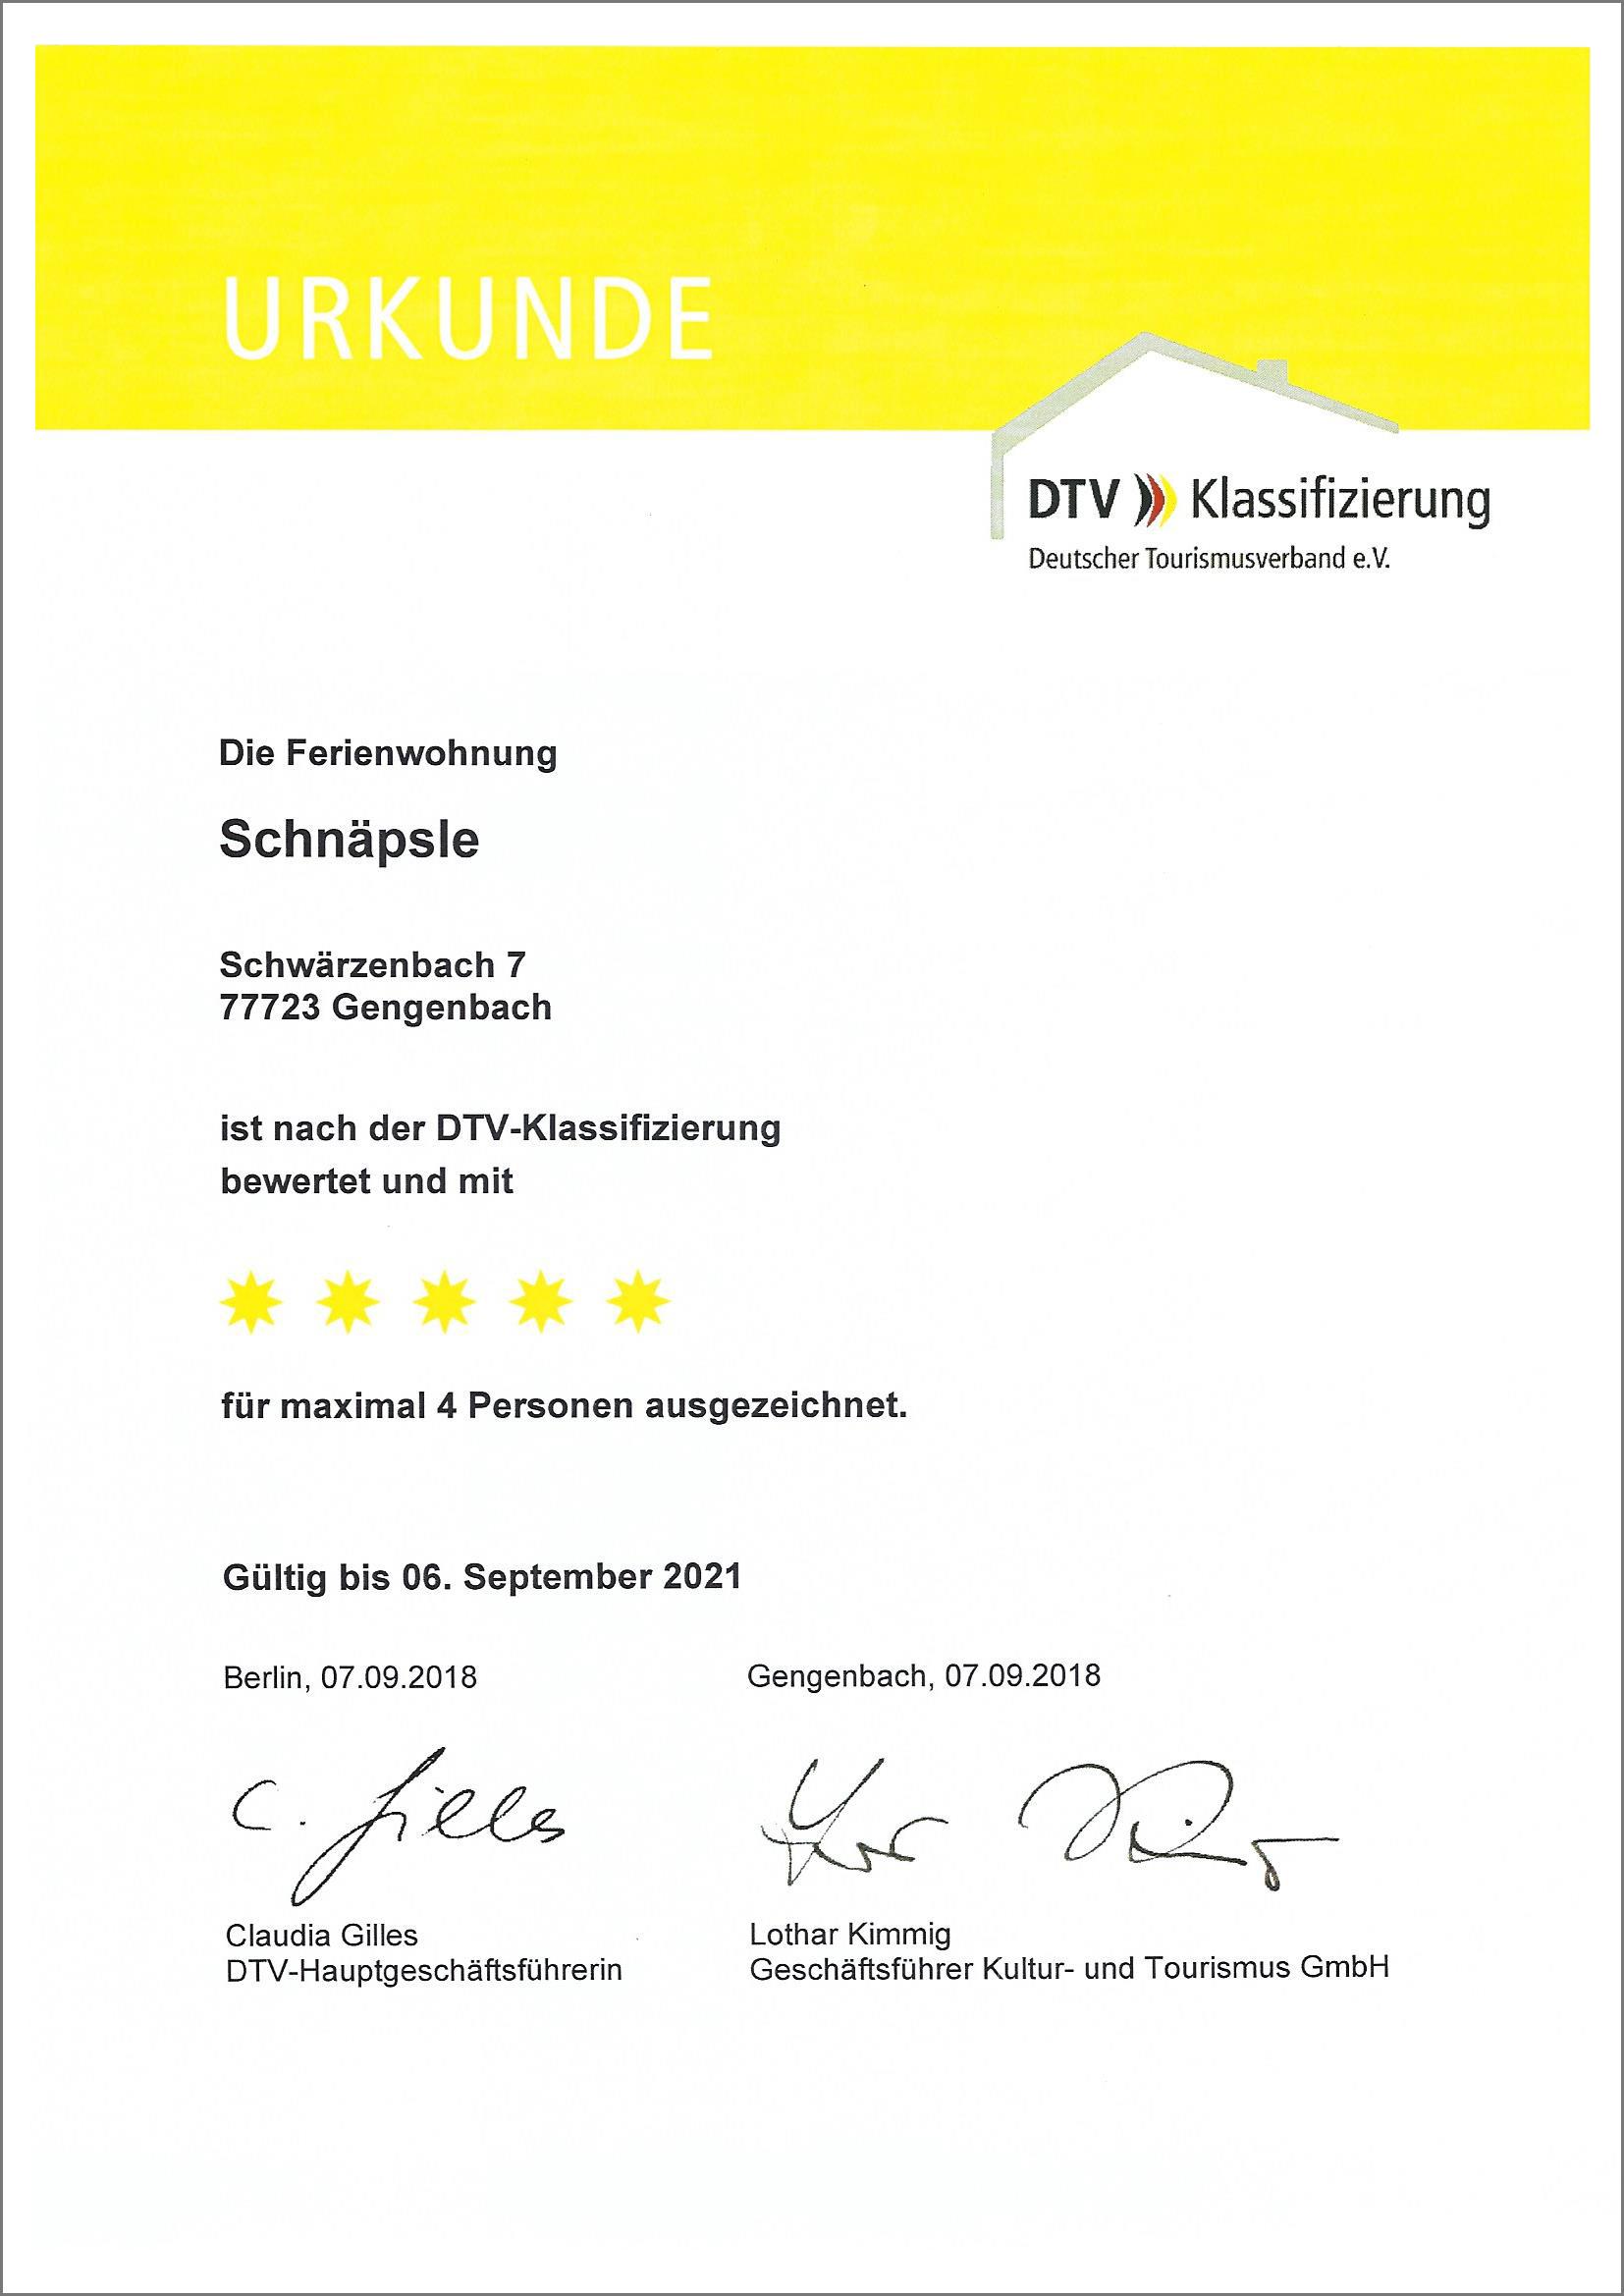 Ferienwohnung Schnäpsle nach der DTV Klassifizierung mit 5 Sternen ausgezeichnet